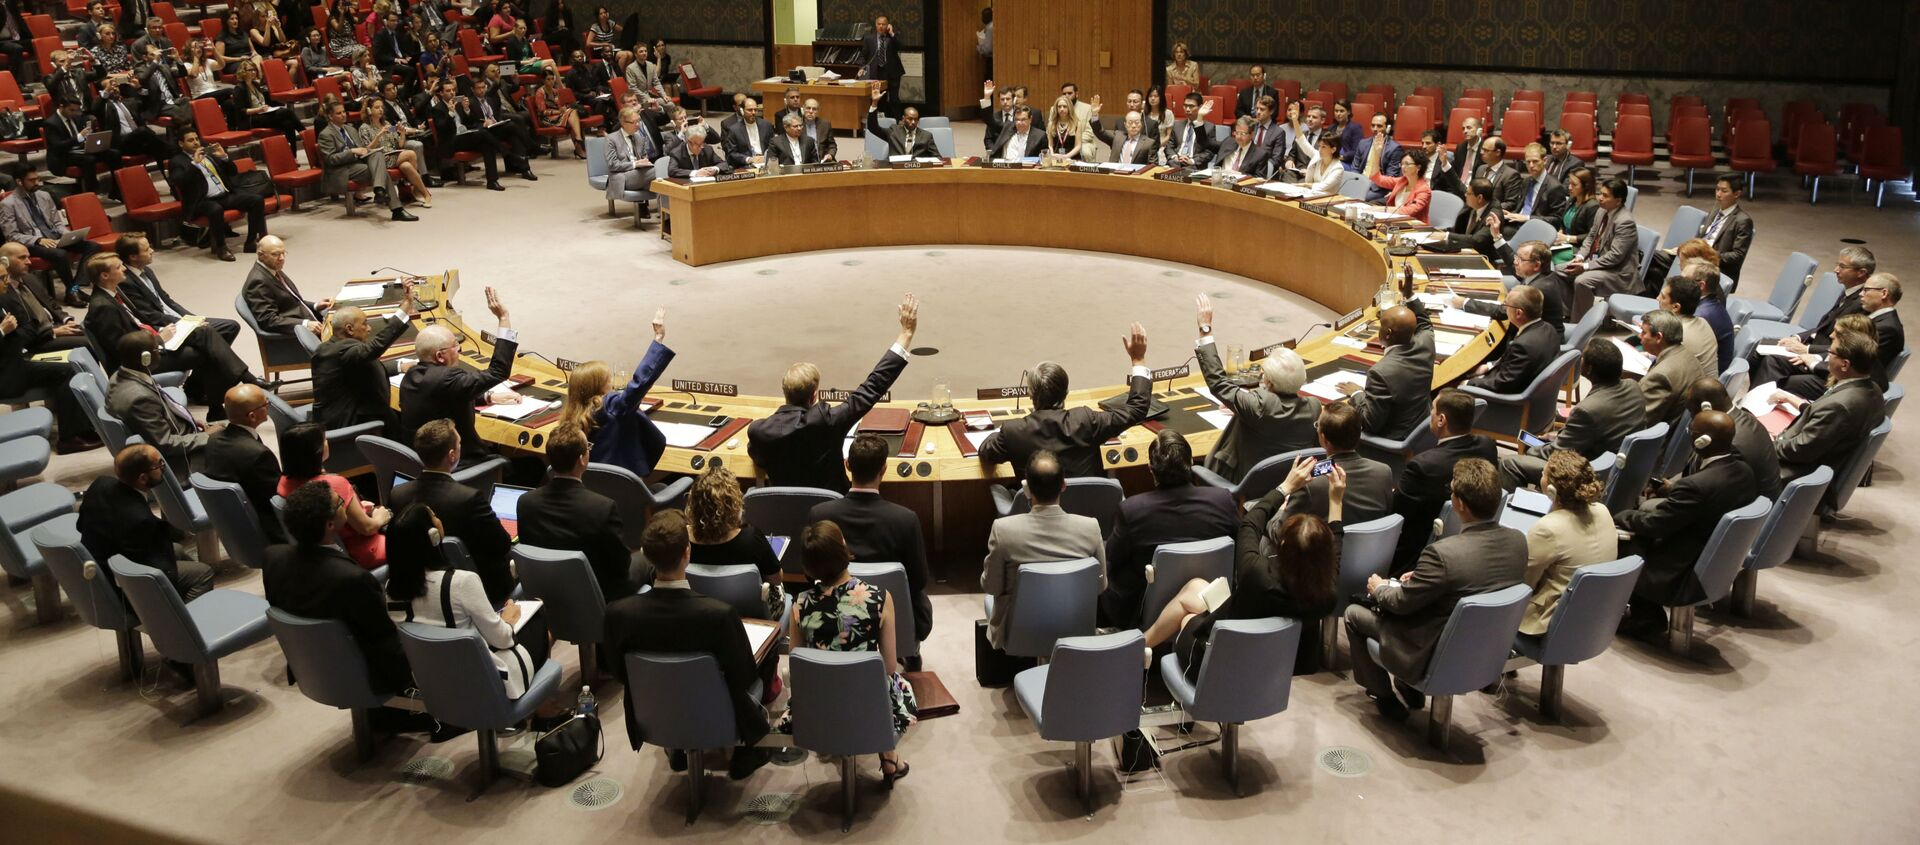 Rada Bezpieczeństwa głosuje za rezolucją, zatwierdzając porozumienie ws. Iranu w siedzibie ONZ - Sputnik Polska, 1920, 13.05.2021